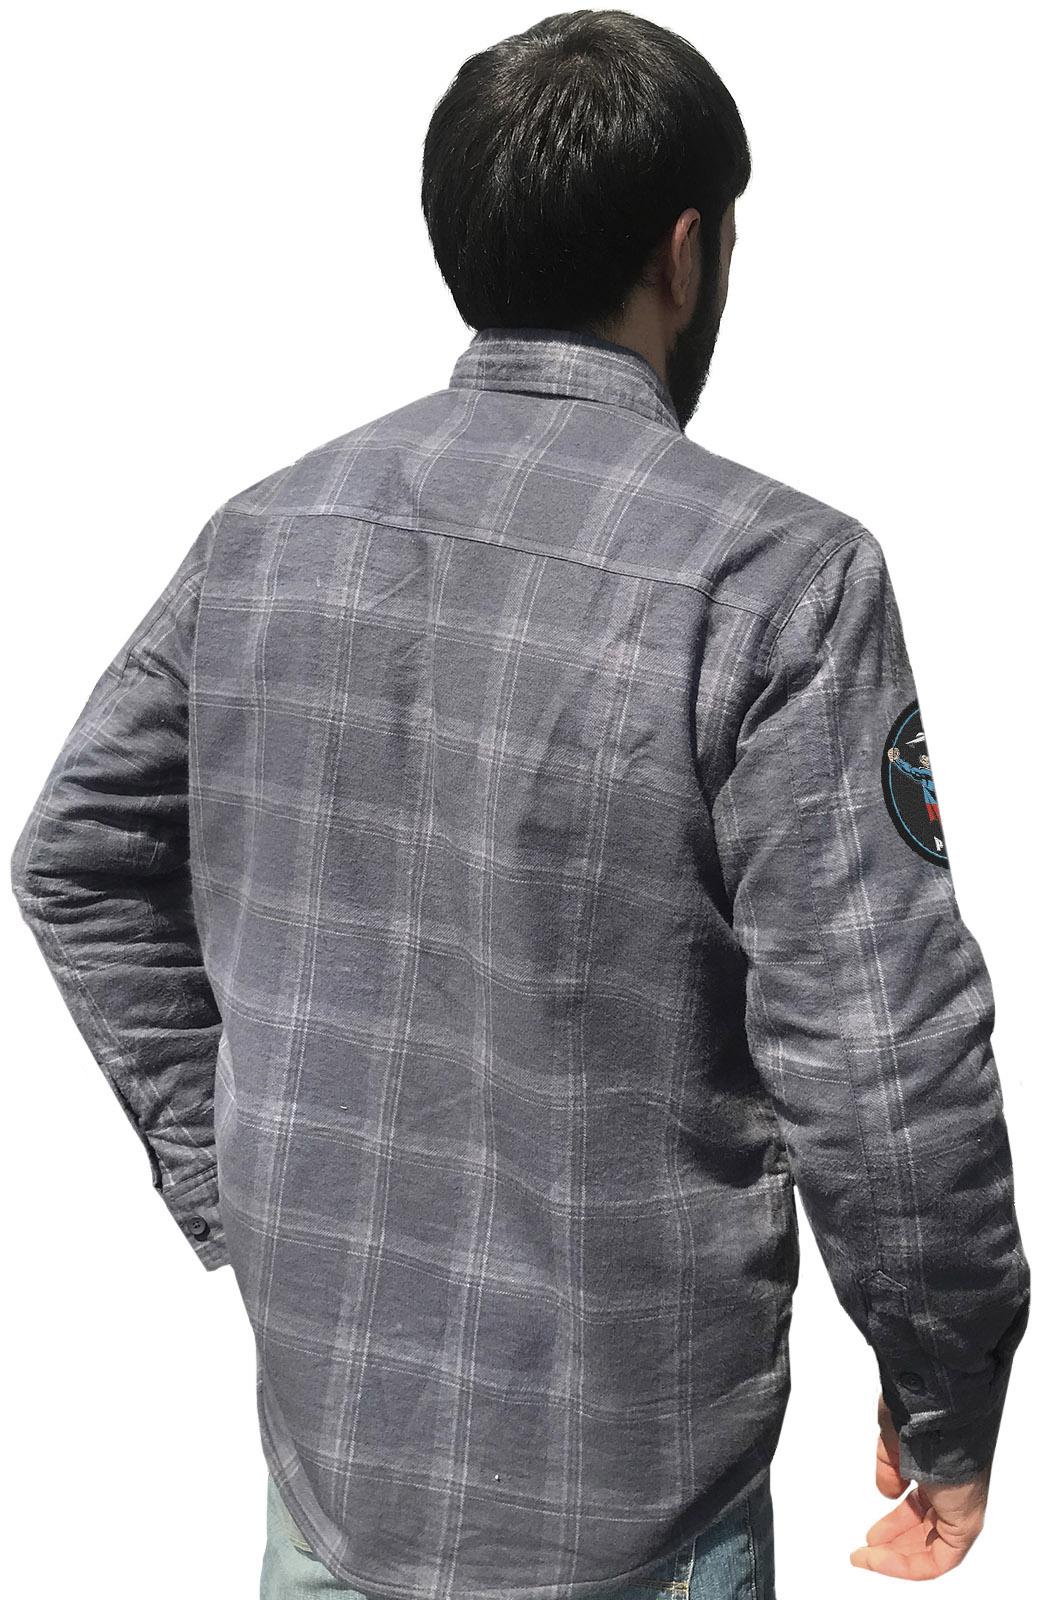 Купить практичную мужскую рубашку с вышитым шевроном МЧС России онлайн с доставкой